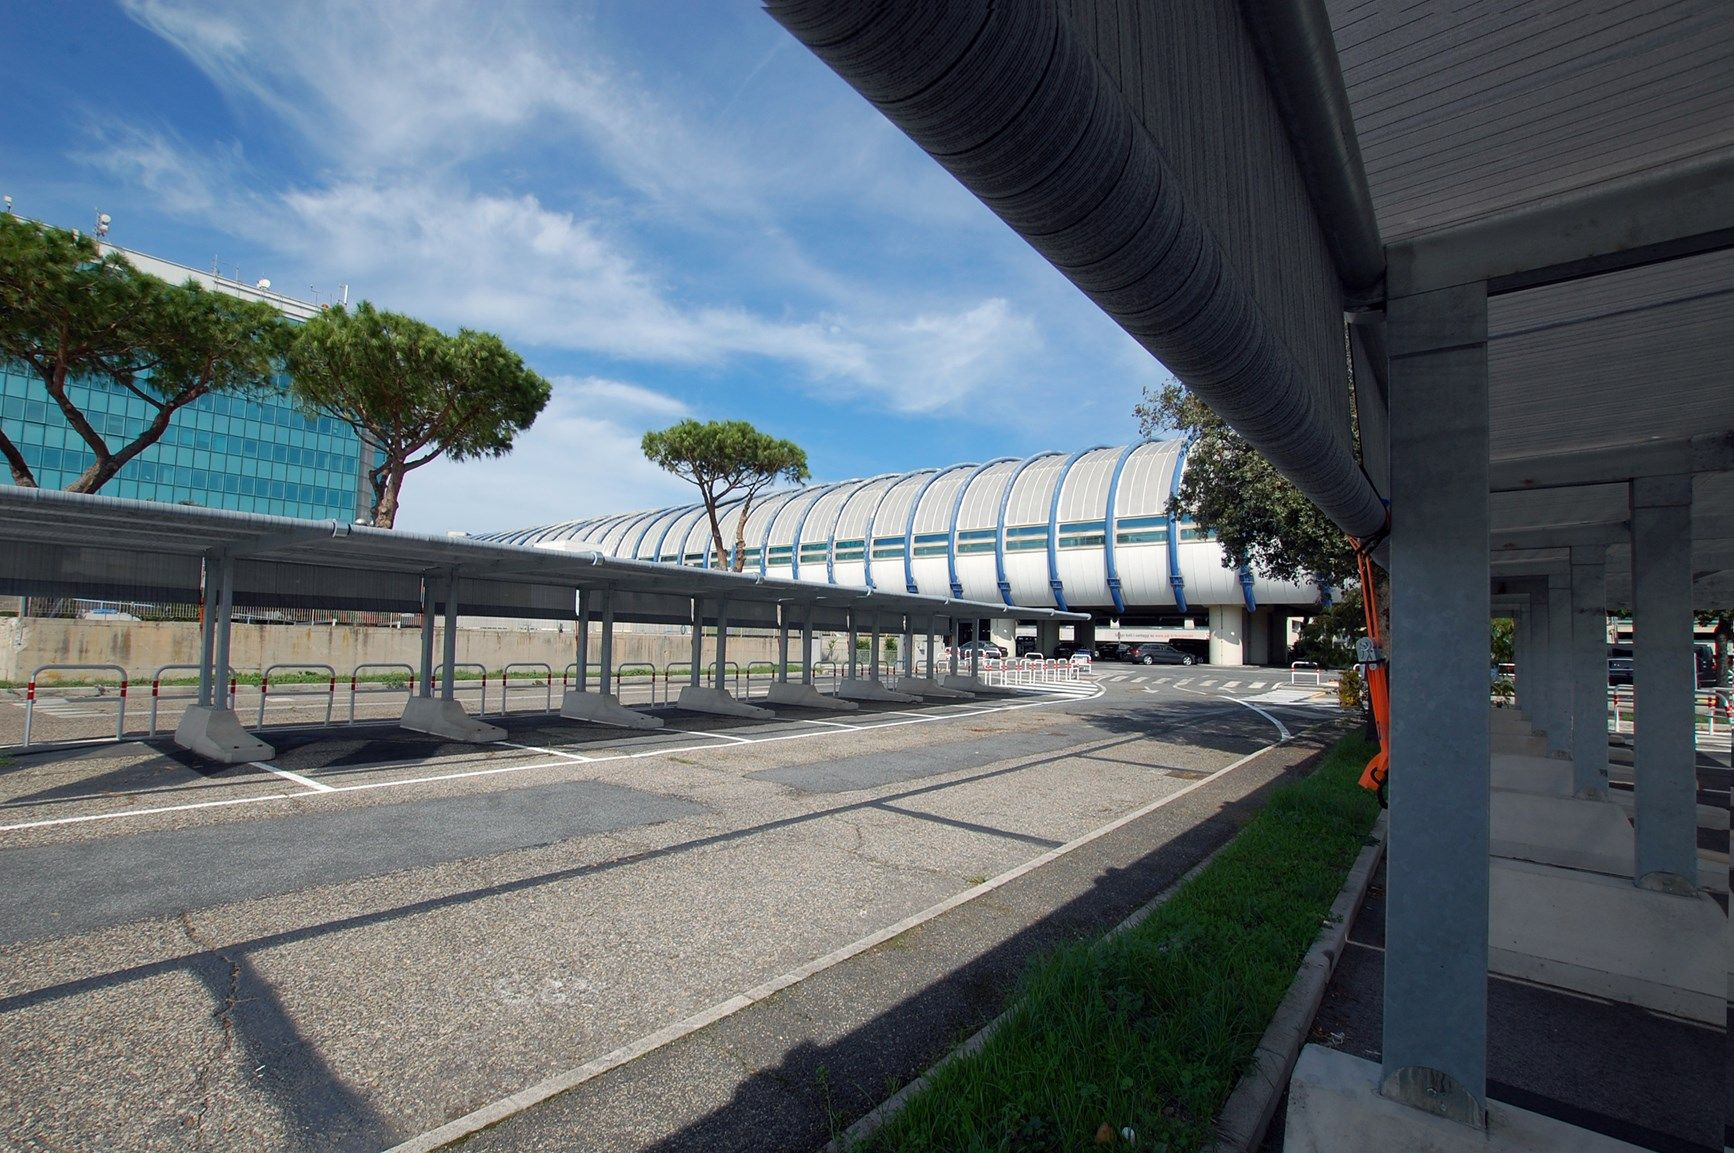 Tettoie per auto Kopron al parcheggio dell'aeroporto di Fiumicino